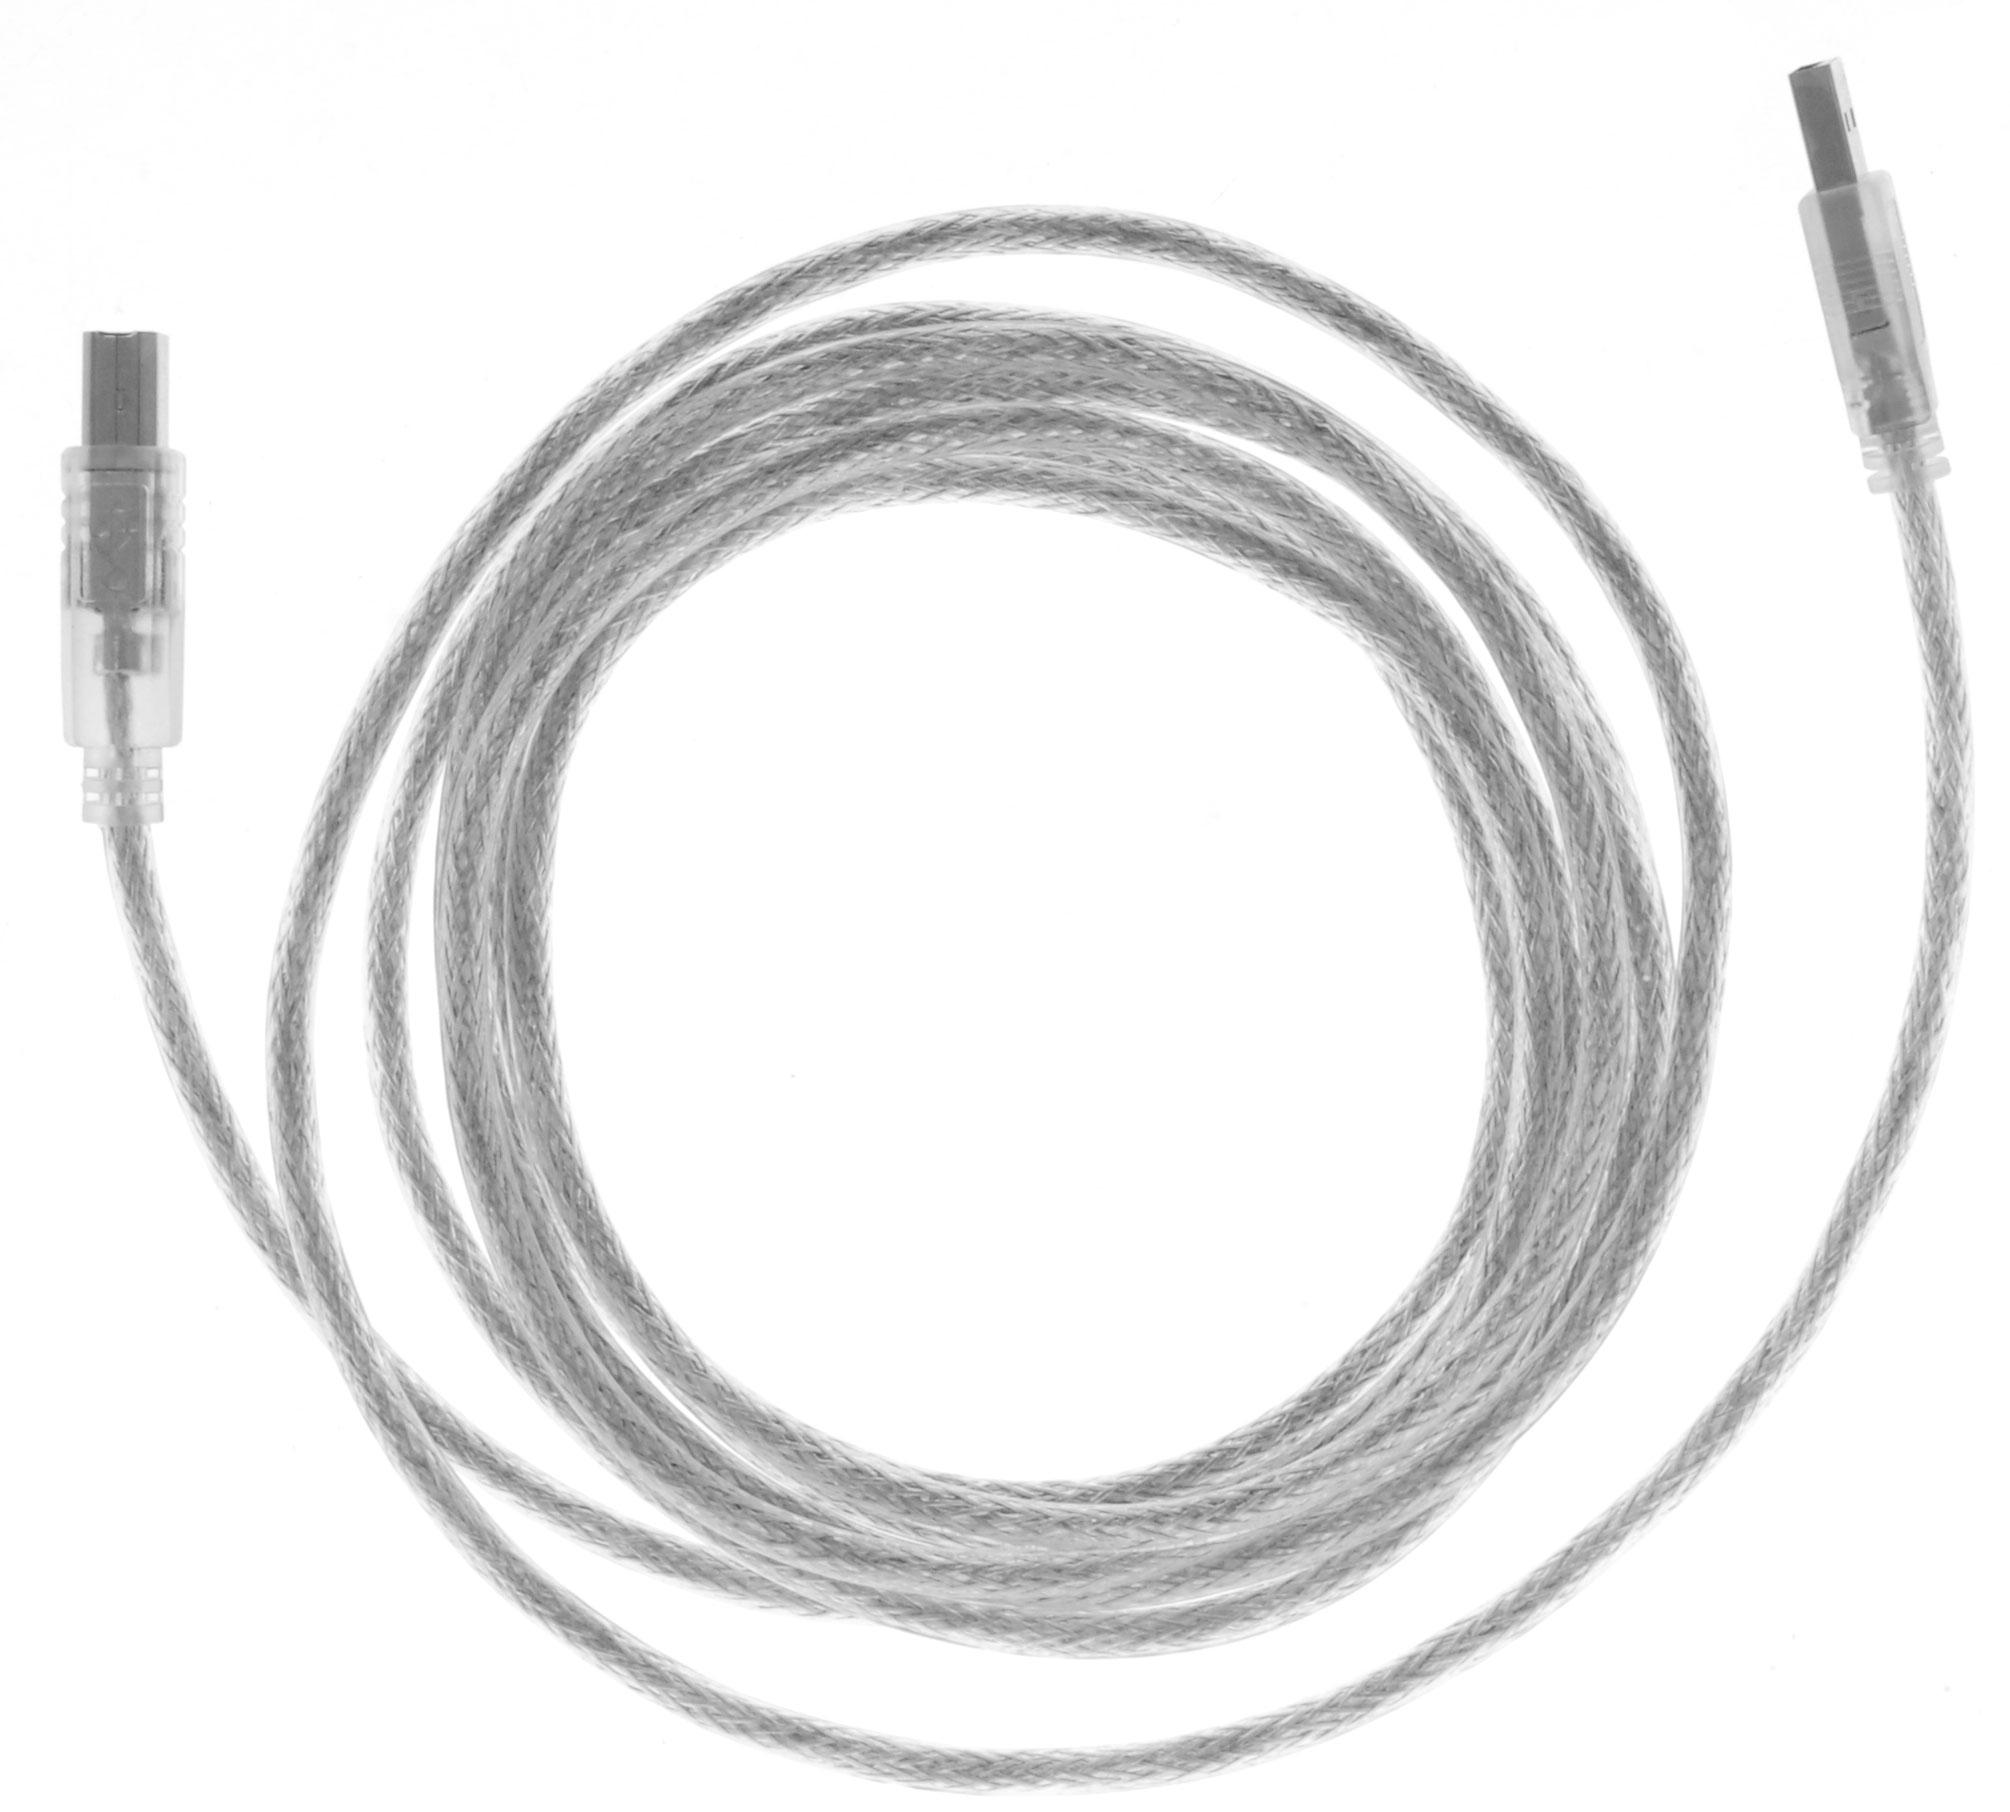 Greenconnect Premium GCR-UPC2M-BD2S, Clear кабель USB 3.0 мGCR-UPC2M-BD2S-3.0mКабель Greenconnect Premium GCR-UPC2M-BD2S используется для подключения к компьютеру различных устройств с разъемом USB тип B, например, принтер, камеры, сканер, МФУ. Надежно работает со всеми моделями HP. Экранирование кабеля позволит защитить сигнал при передаче от влияния внешних полей, способных создать помехи. Пропускная способность интерфейса: USB 2.0 до 480 Мбит/с Тип оболочки: PVC (ПВХ)